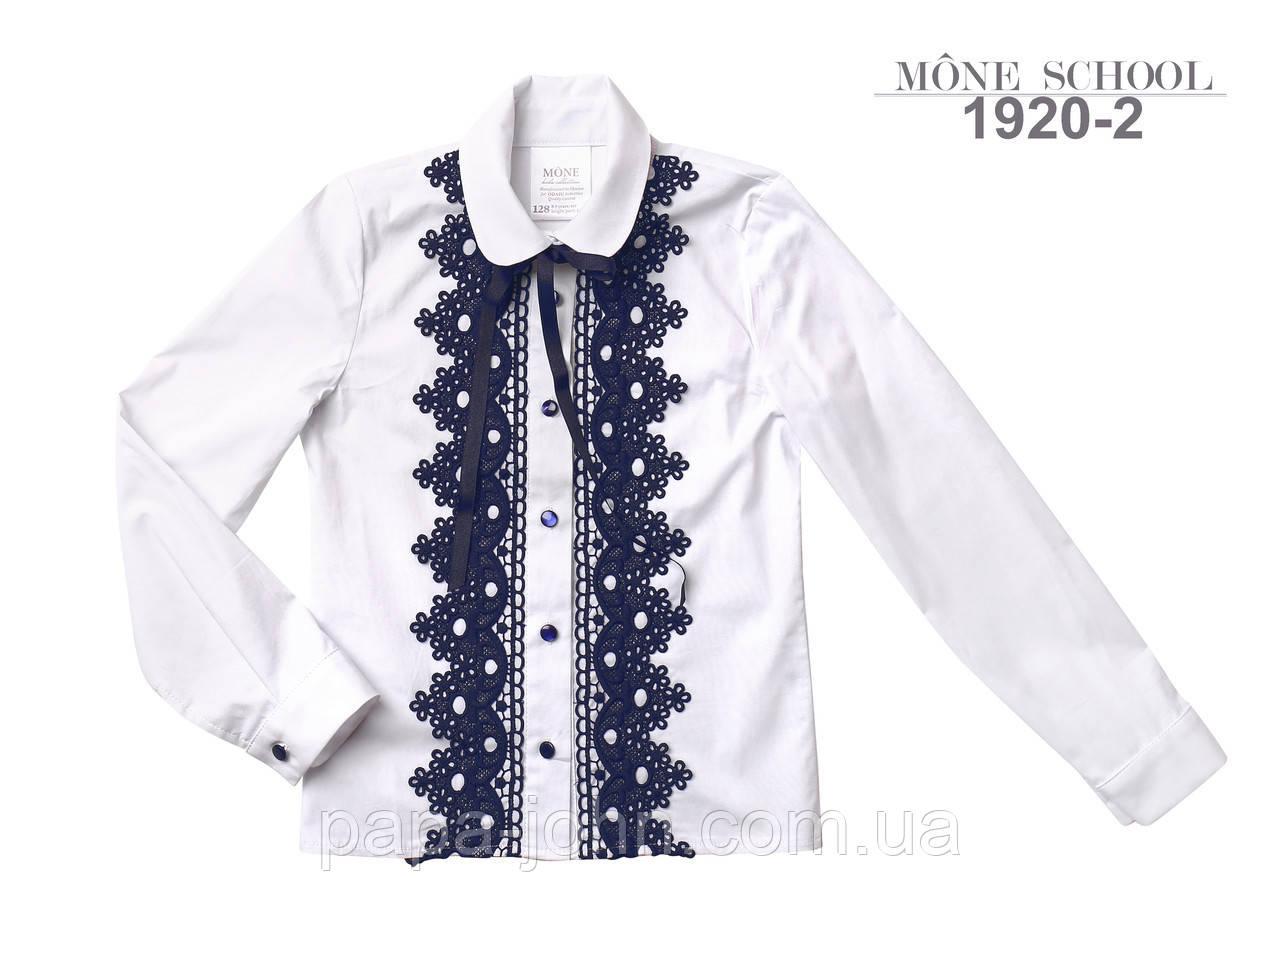 Блузка біла бавовна, синє мереживо ТМ Моне р. 134